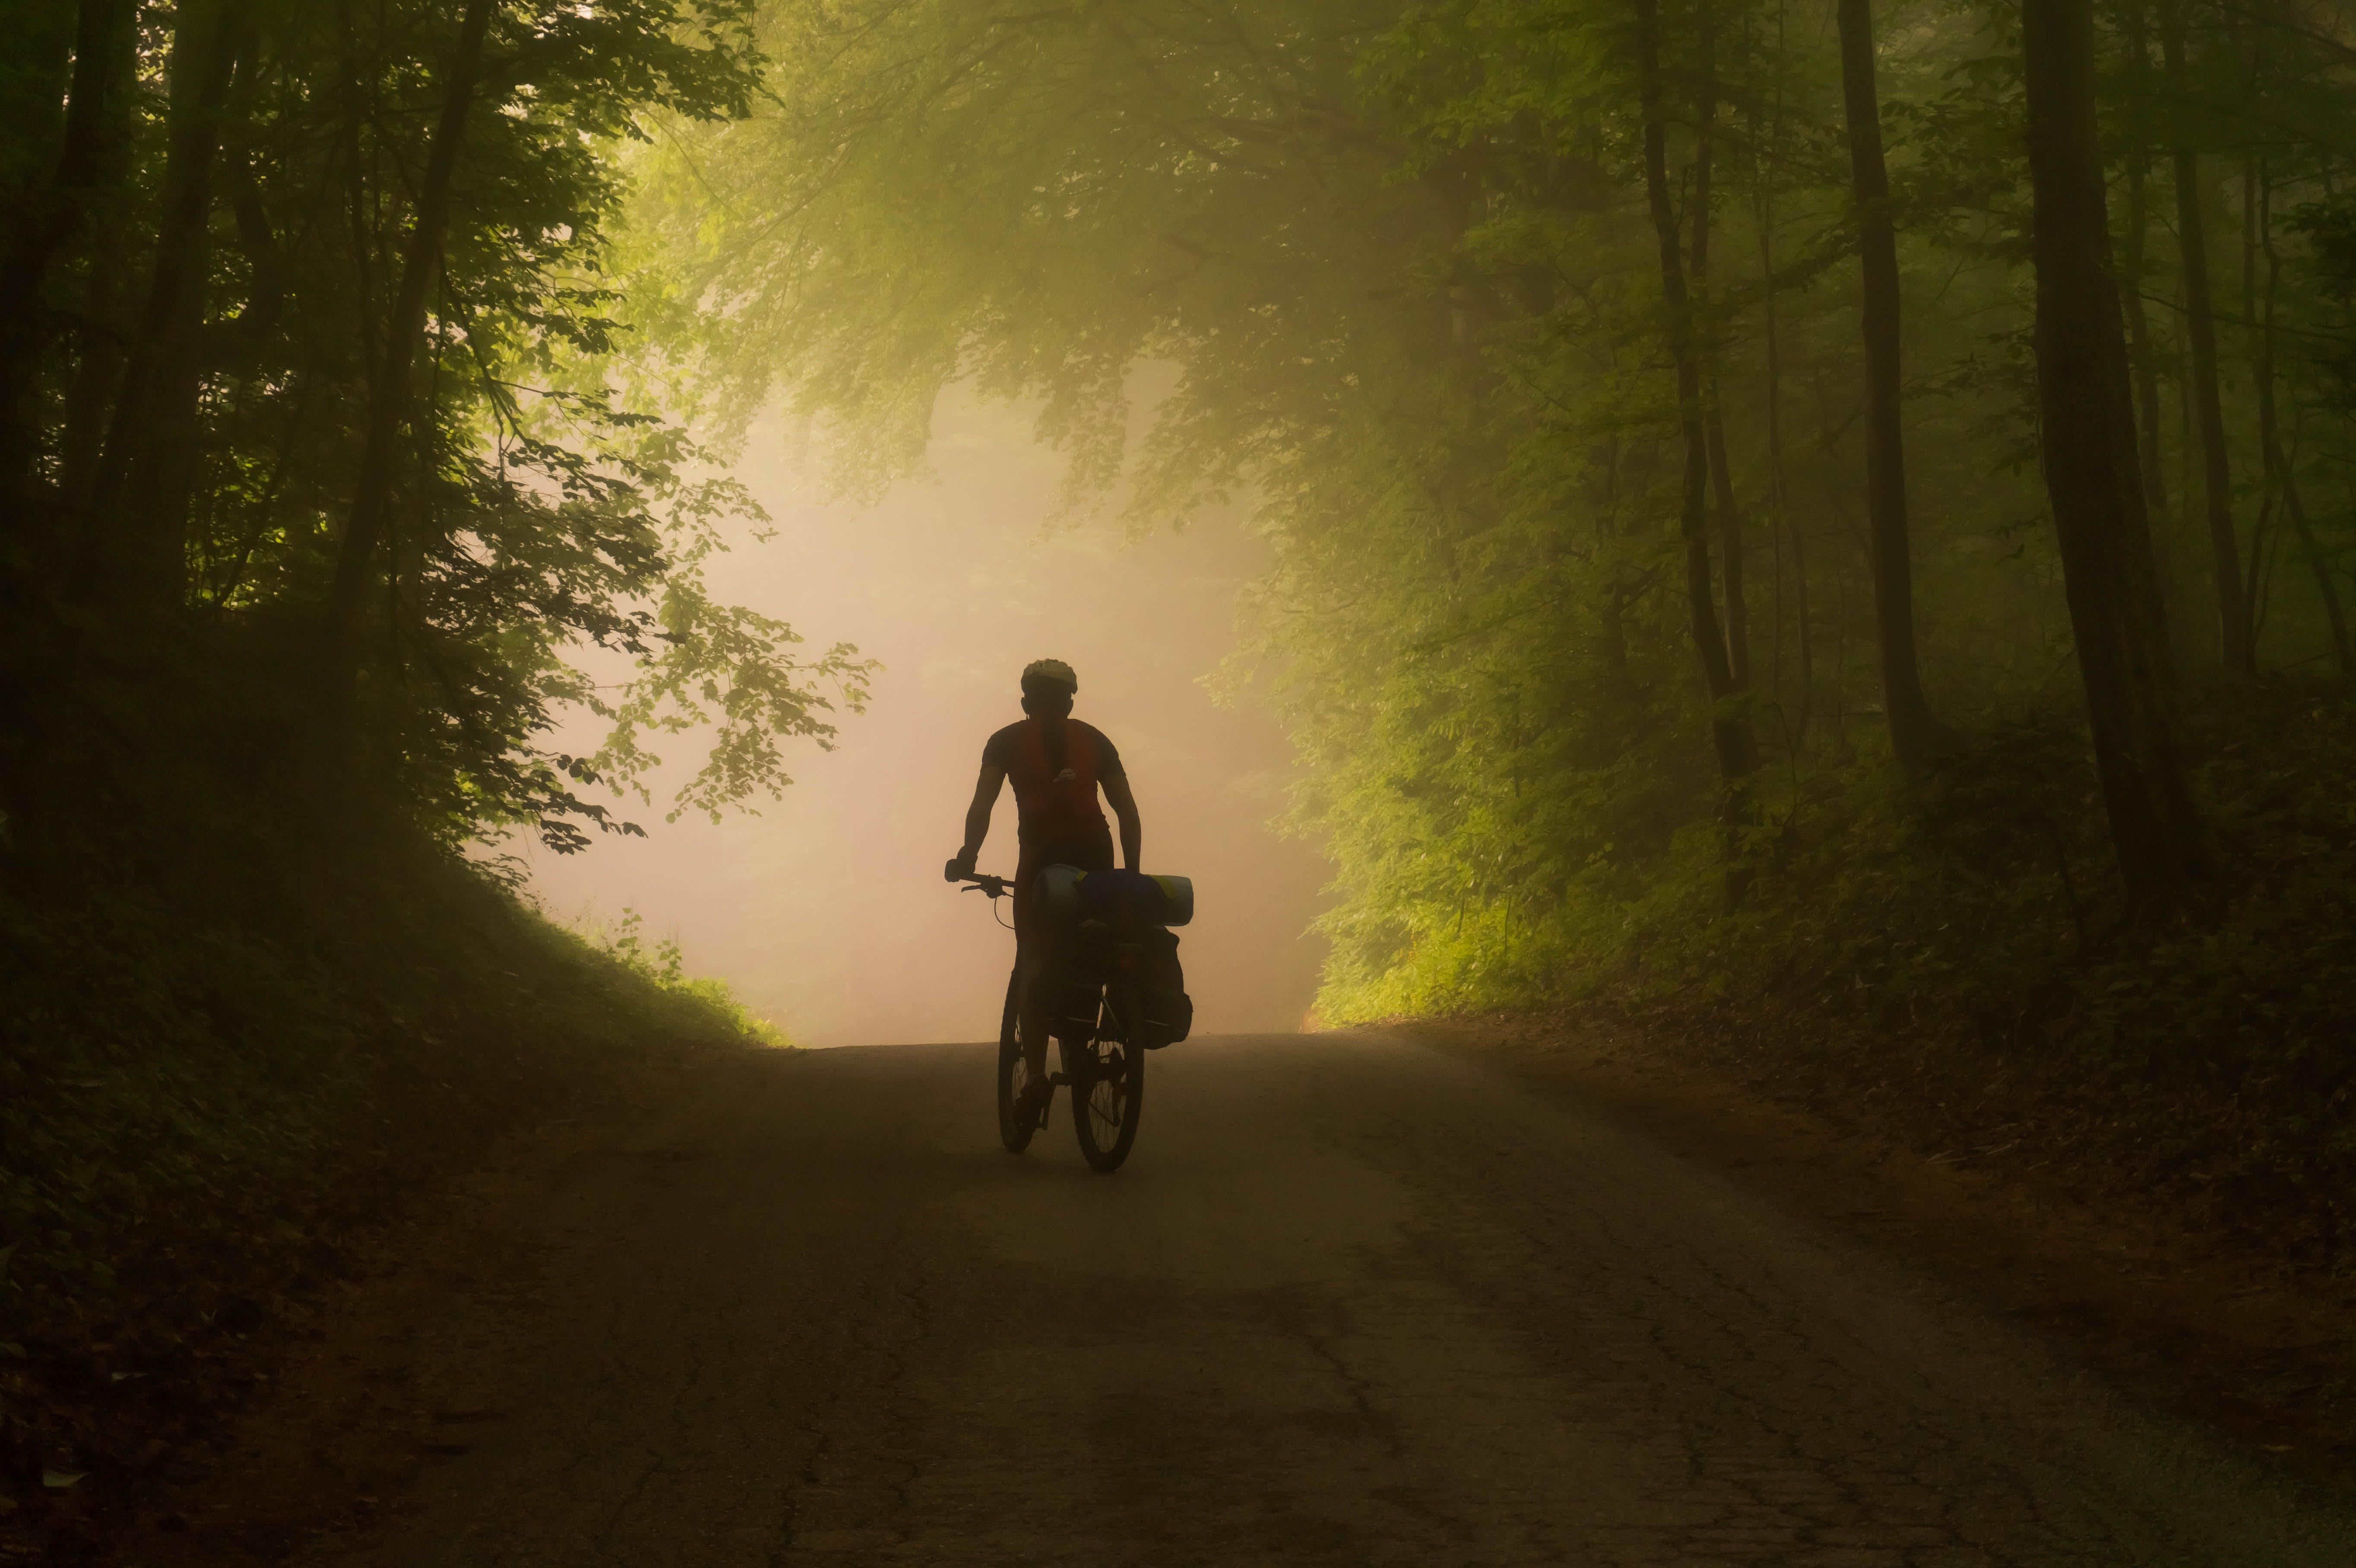 Δωρεάν στοκ φωτογραφιών με άνδρας, δέντρο, ενήλικος, ποδηλάτης